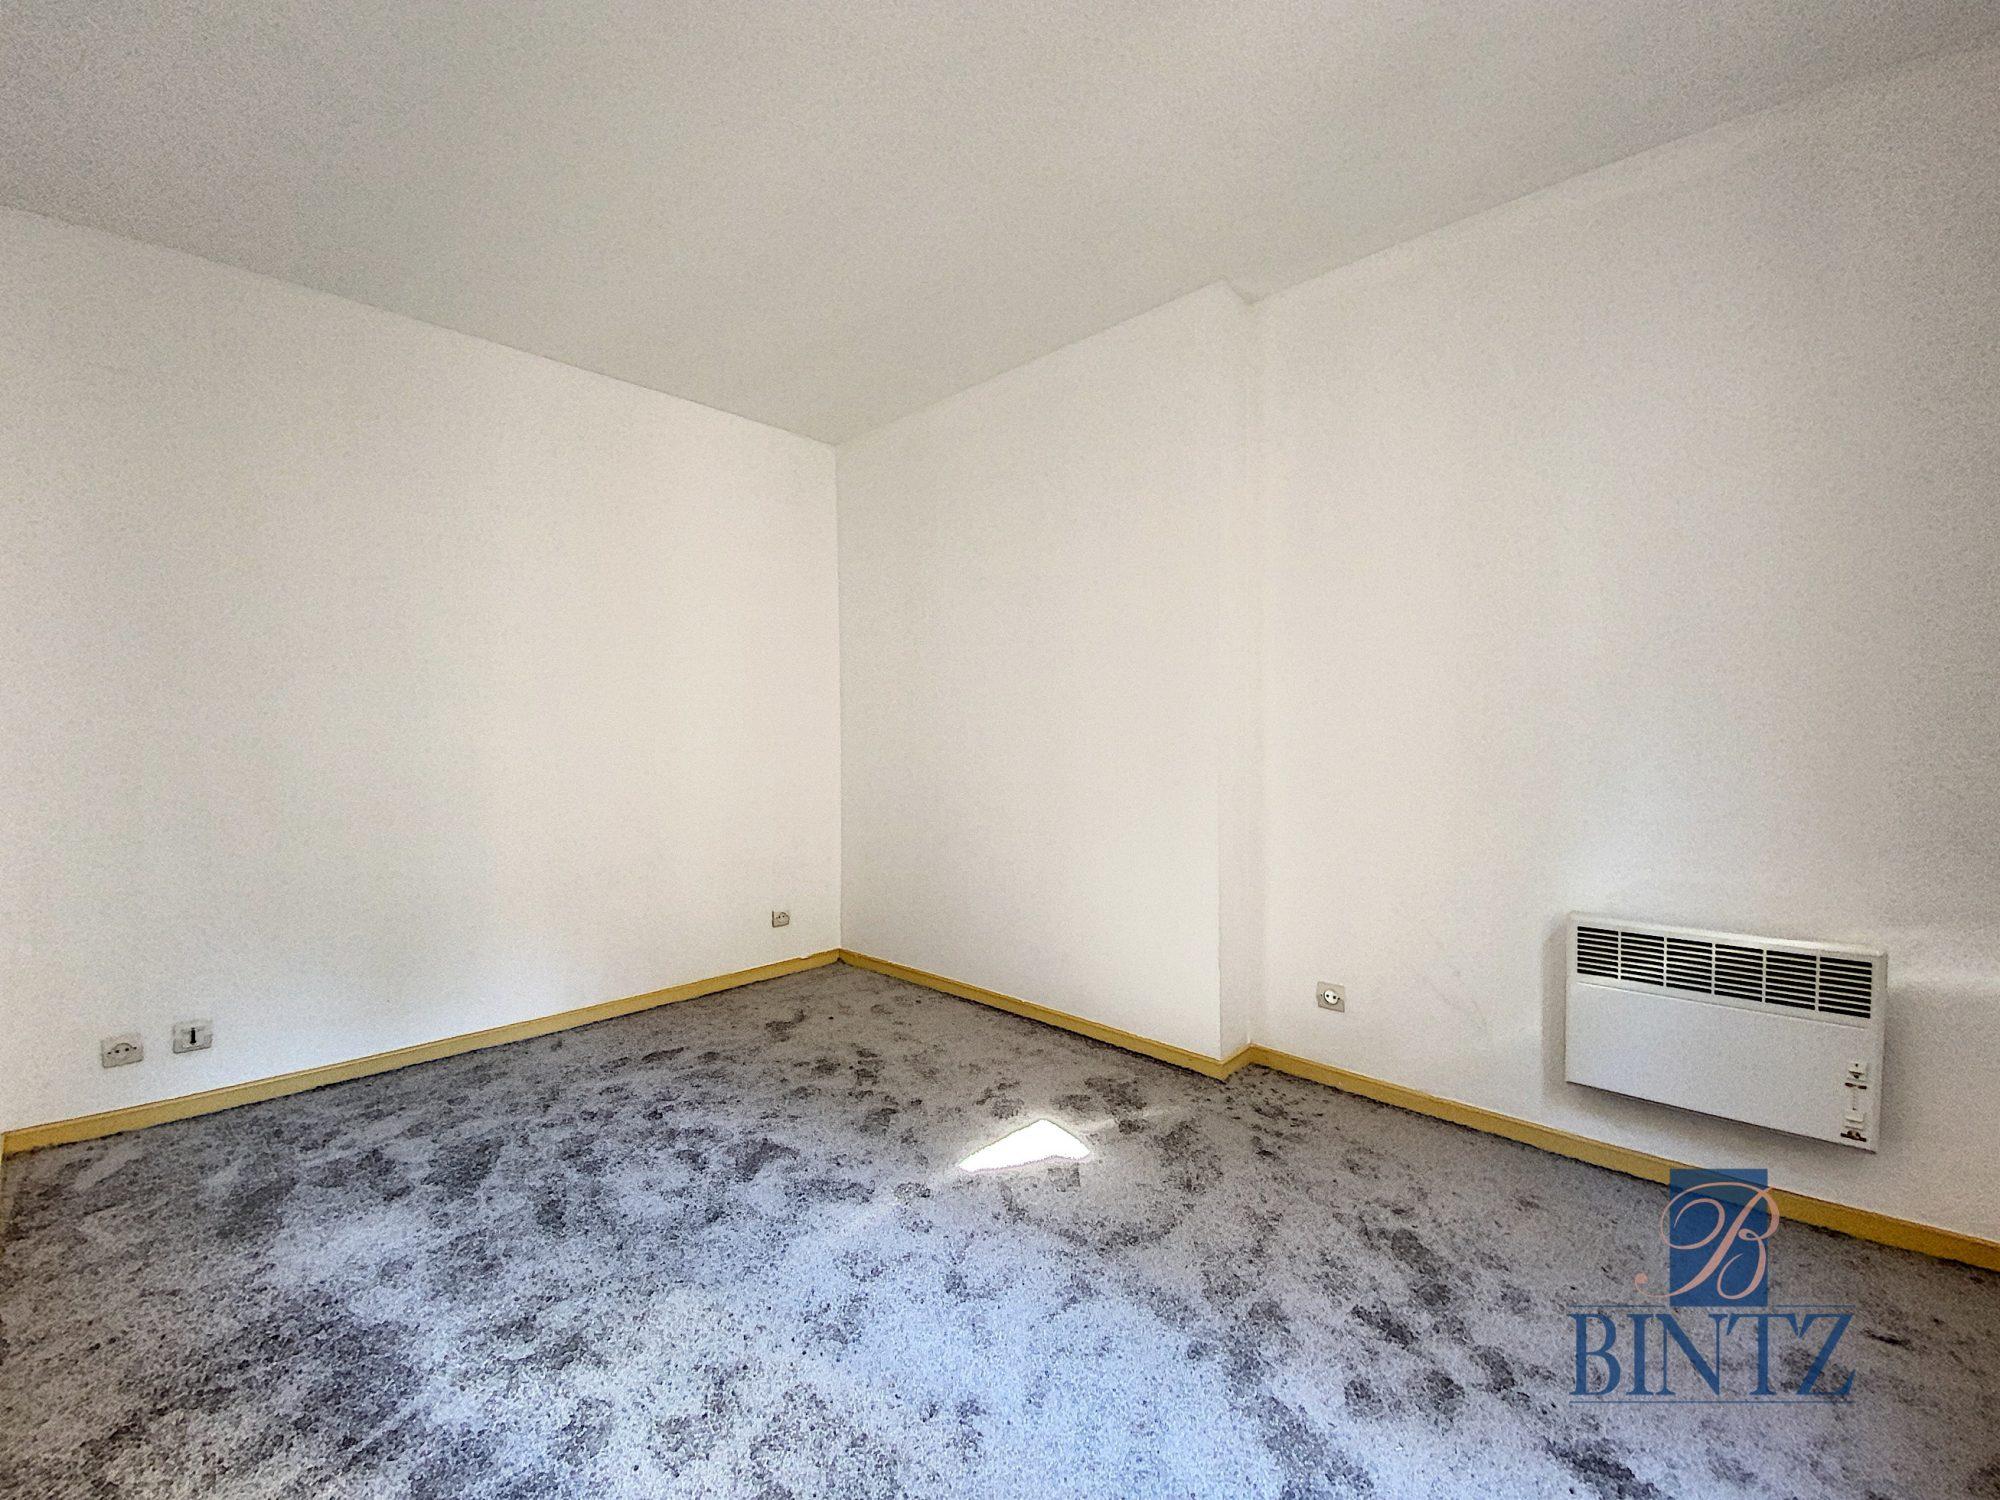 2PHYPERCENTRE - Devenez locataire en toute sérénité - Bintz Immobilier - 4